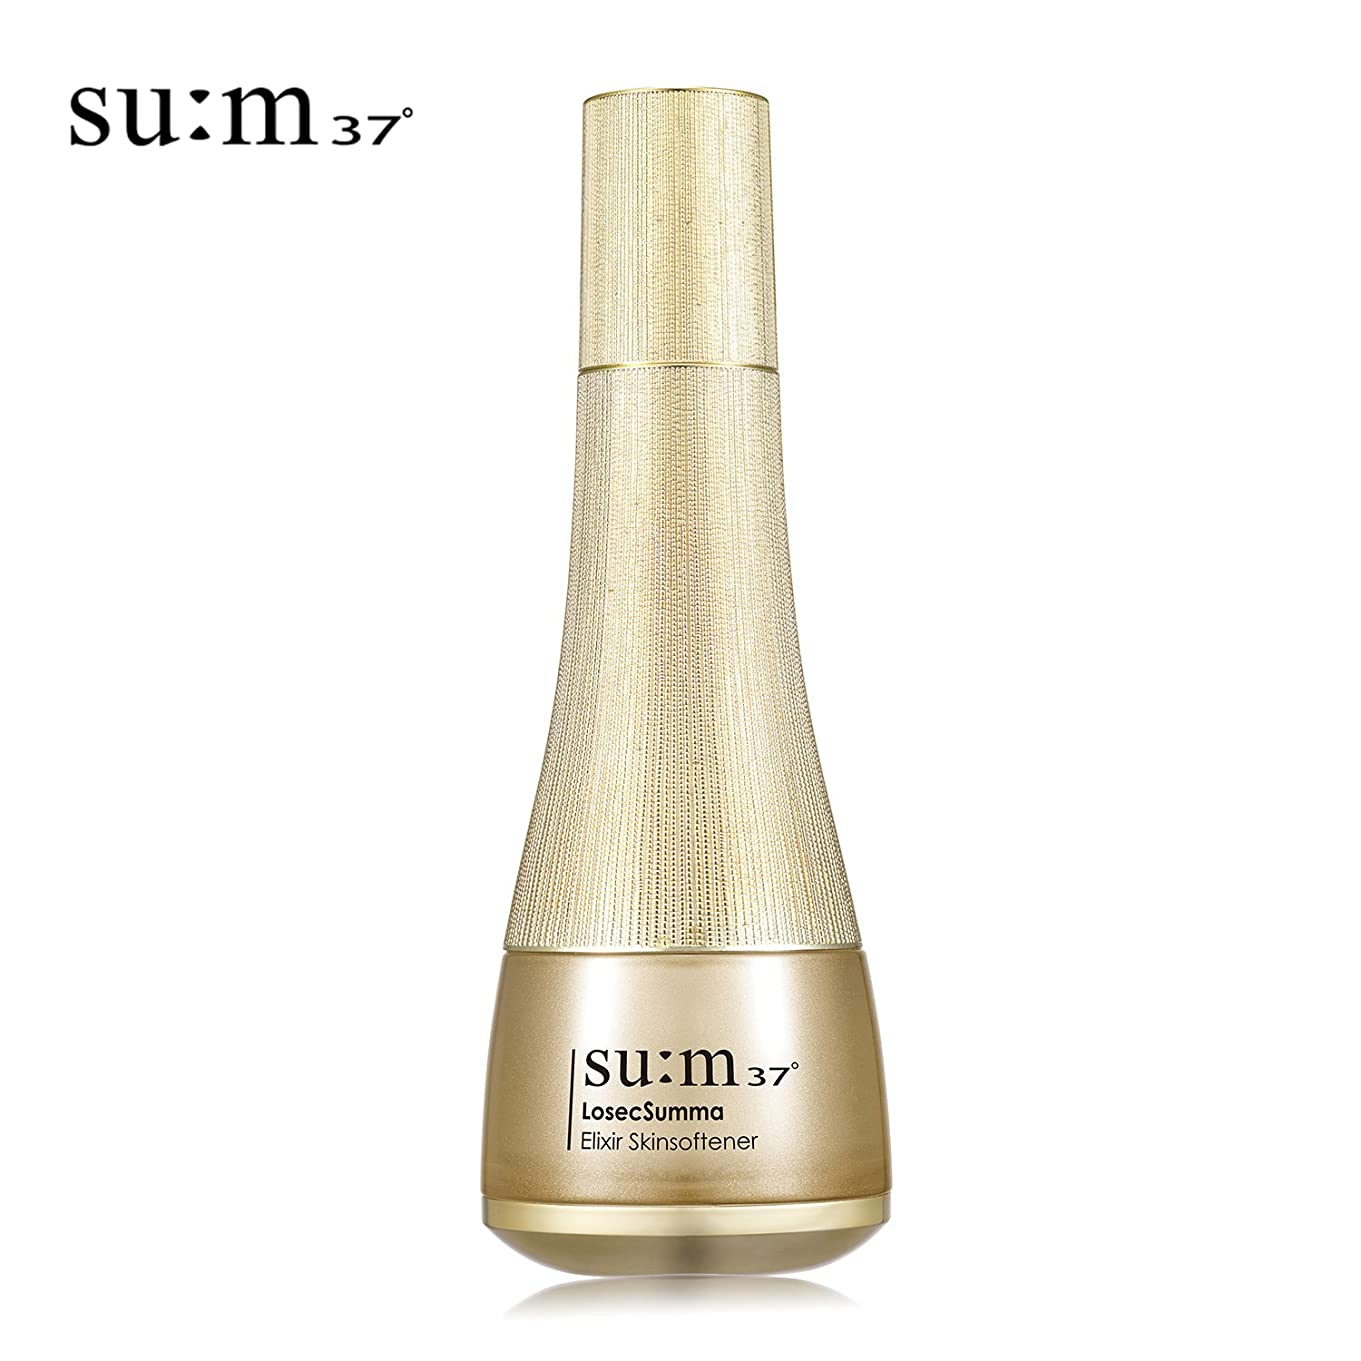 アクション主婦ましい[su:m37/スム37°] Sum 37 LOSEC SUMMA ELIXIR Skin softener 150 ml/ スム37 LOSEC SUMMA ELIXIR スキンソフトナー 150ml + [Sample Gift](海外直送品)